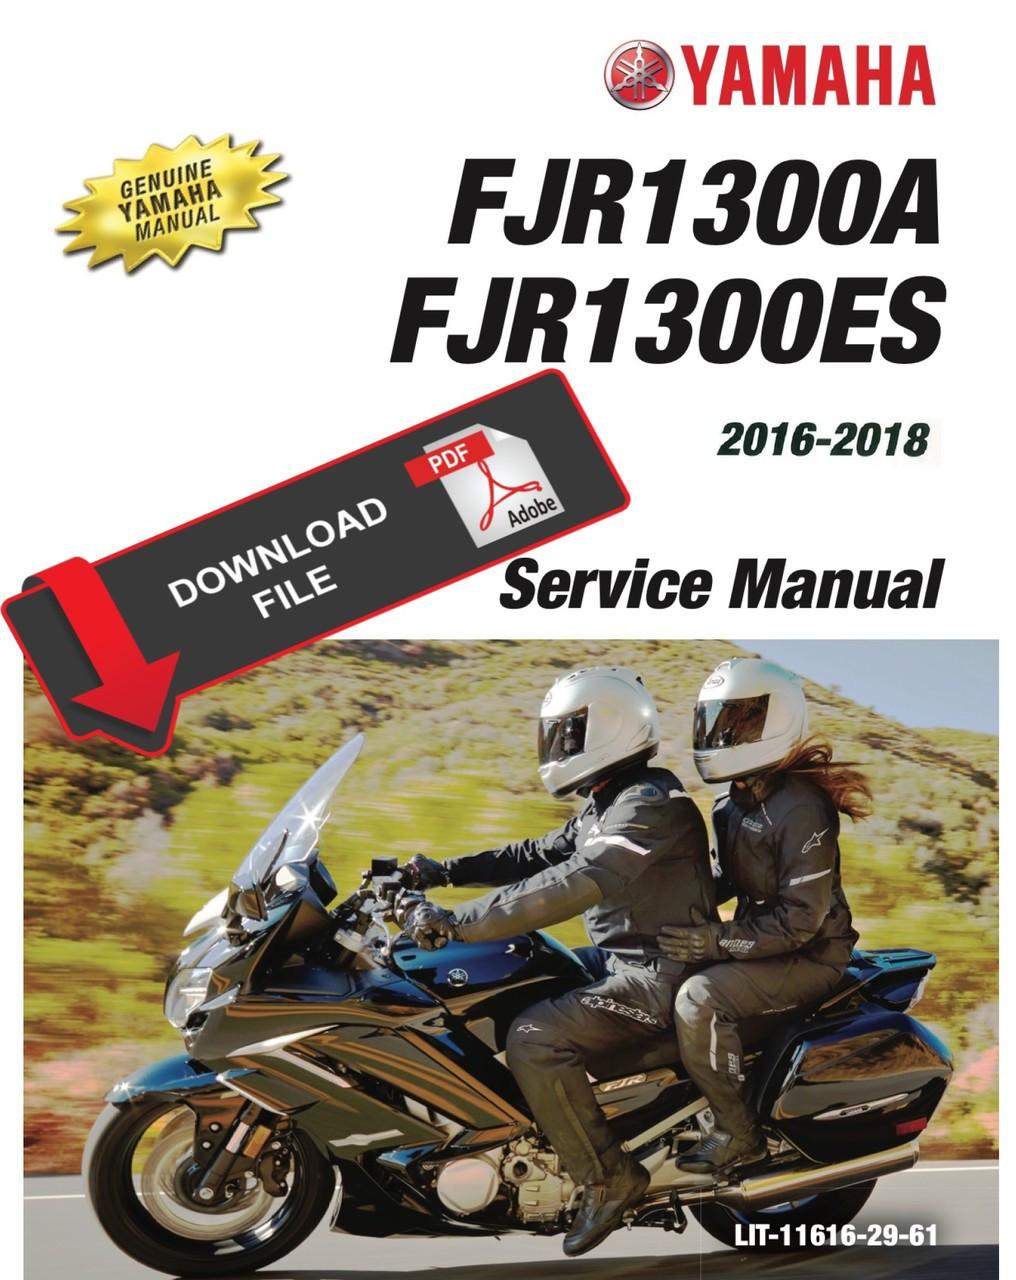 Yamaha 2016 Fjr1300 Service Manual